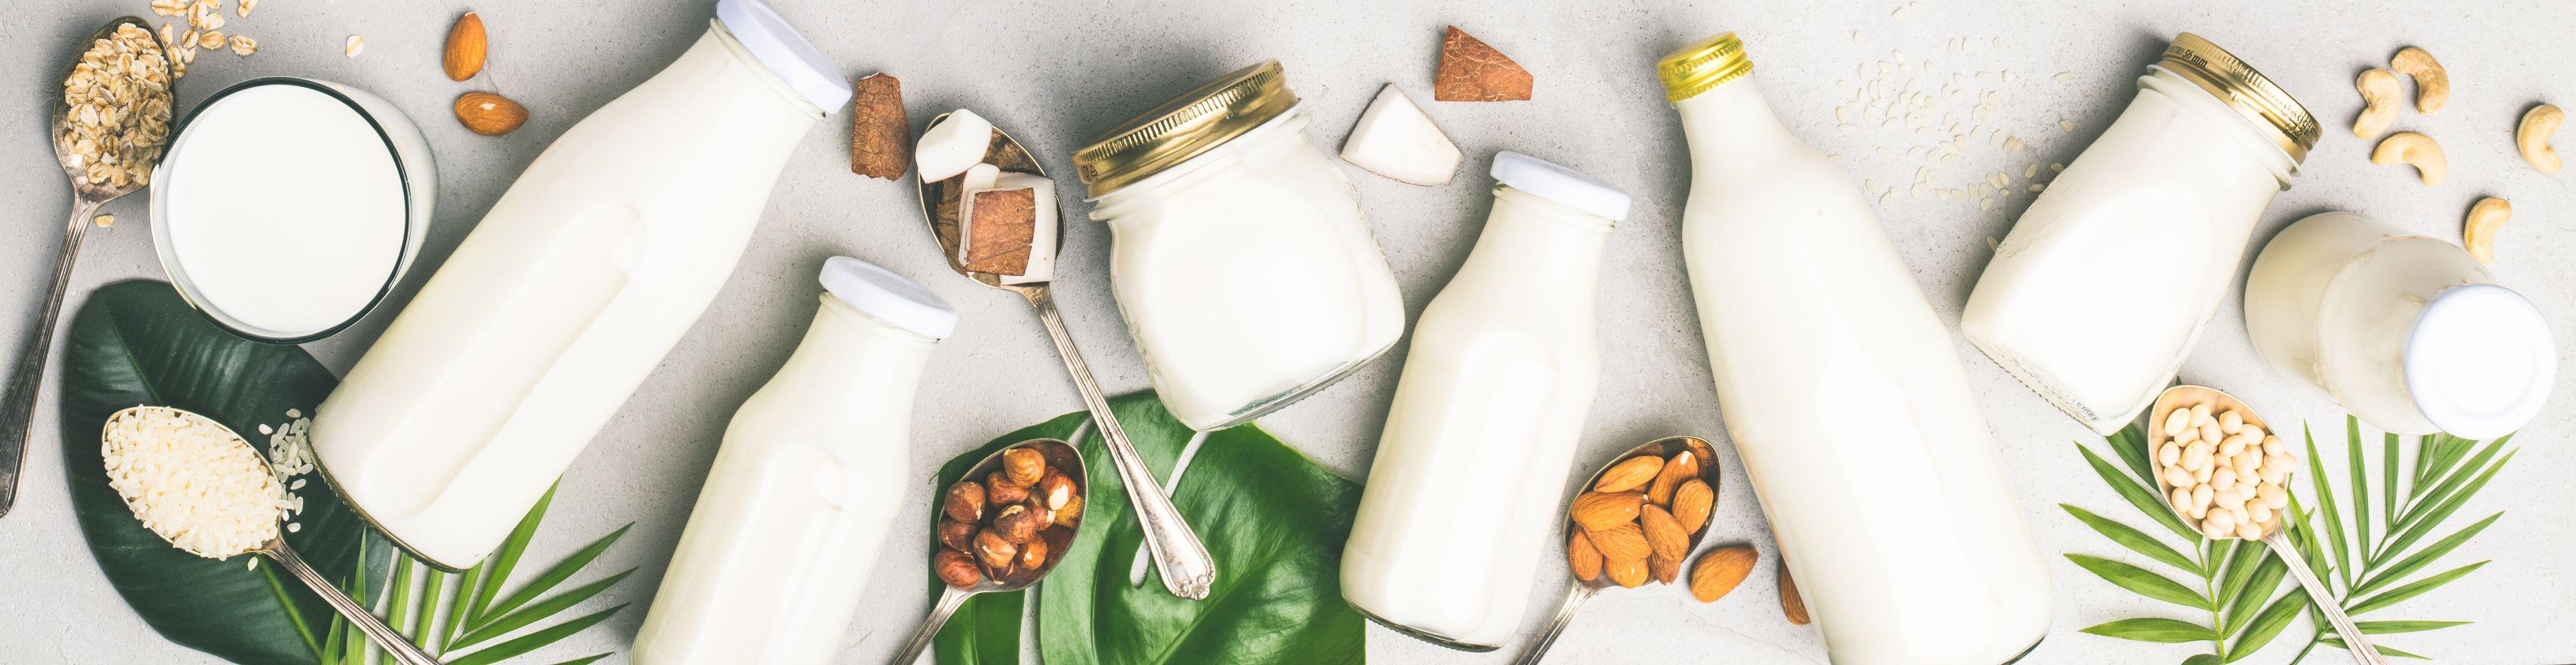 Vegetarian Substitute for Milk